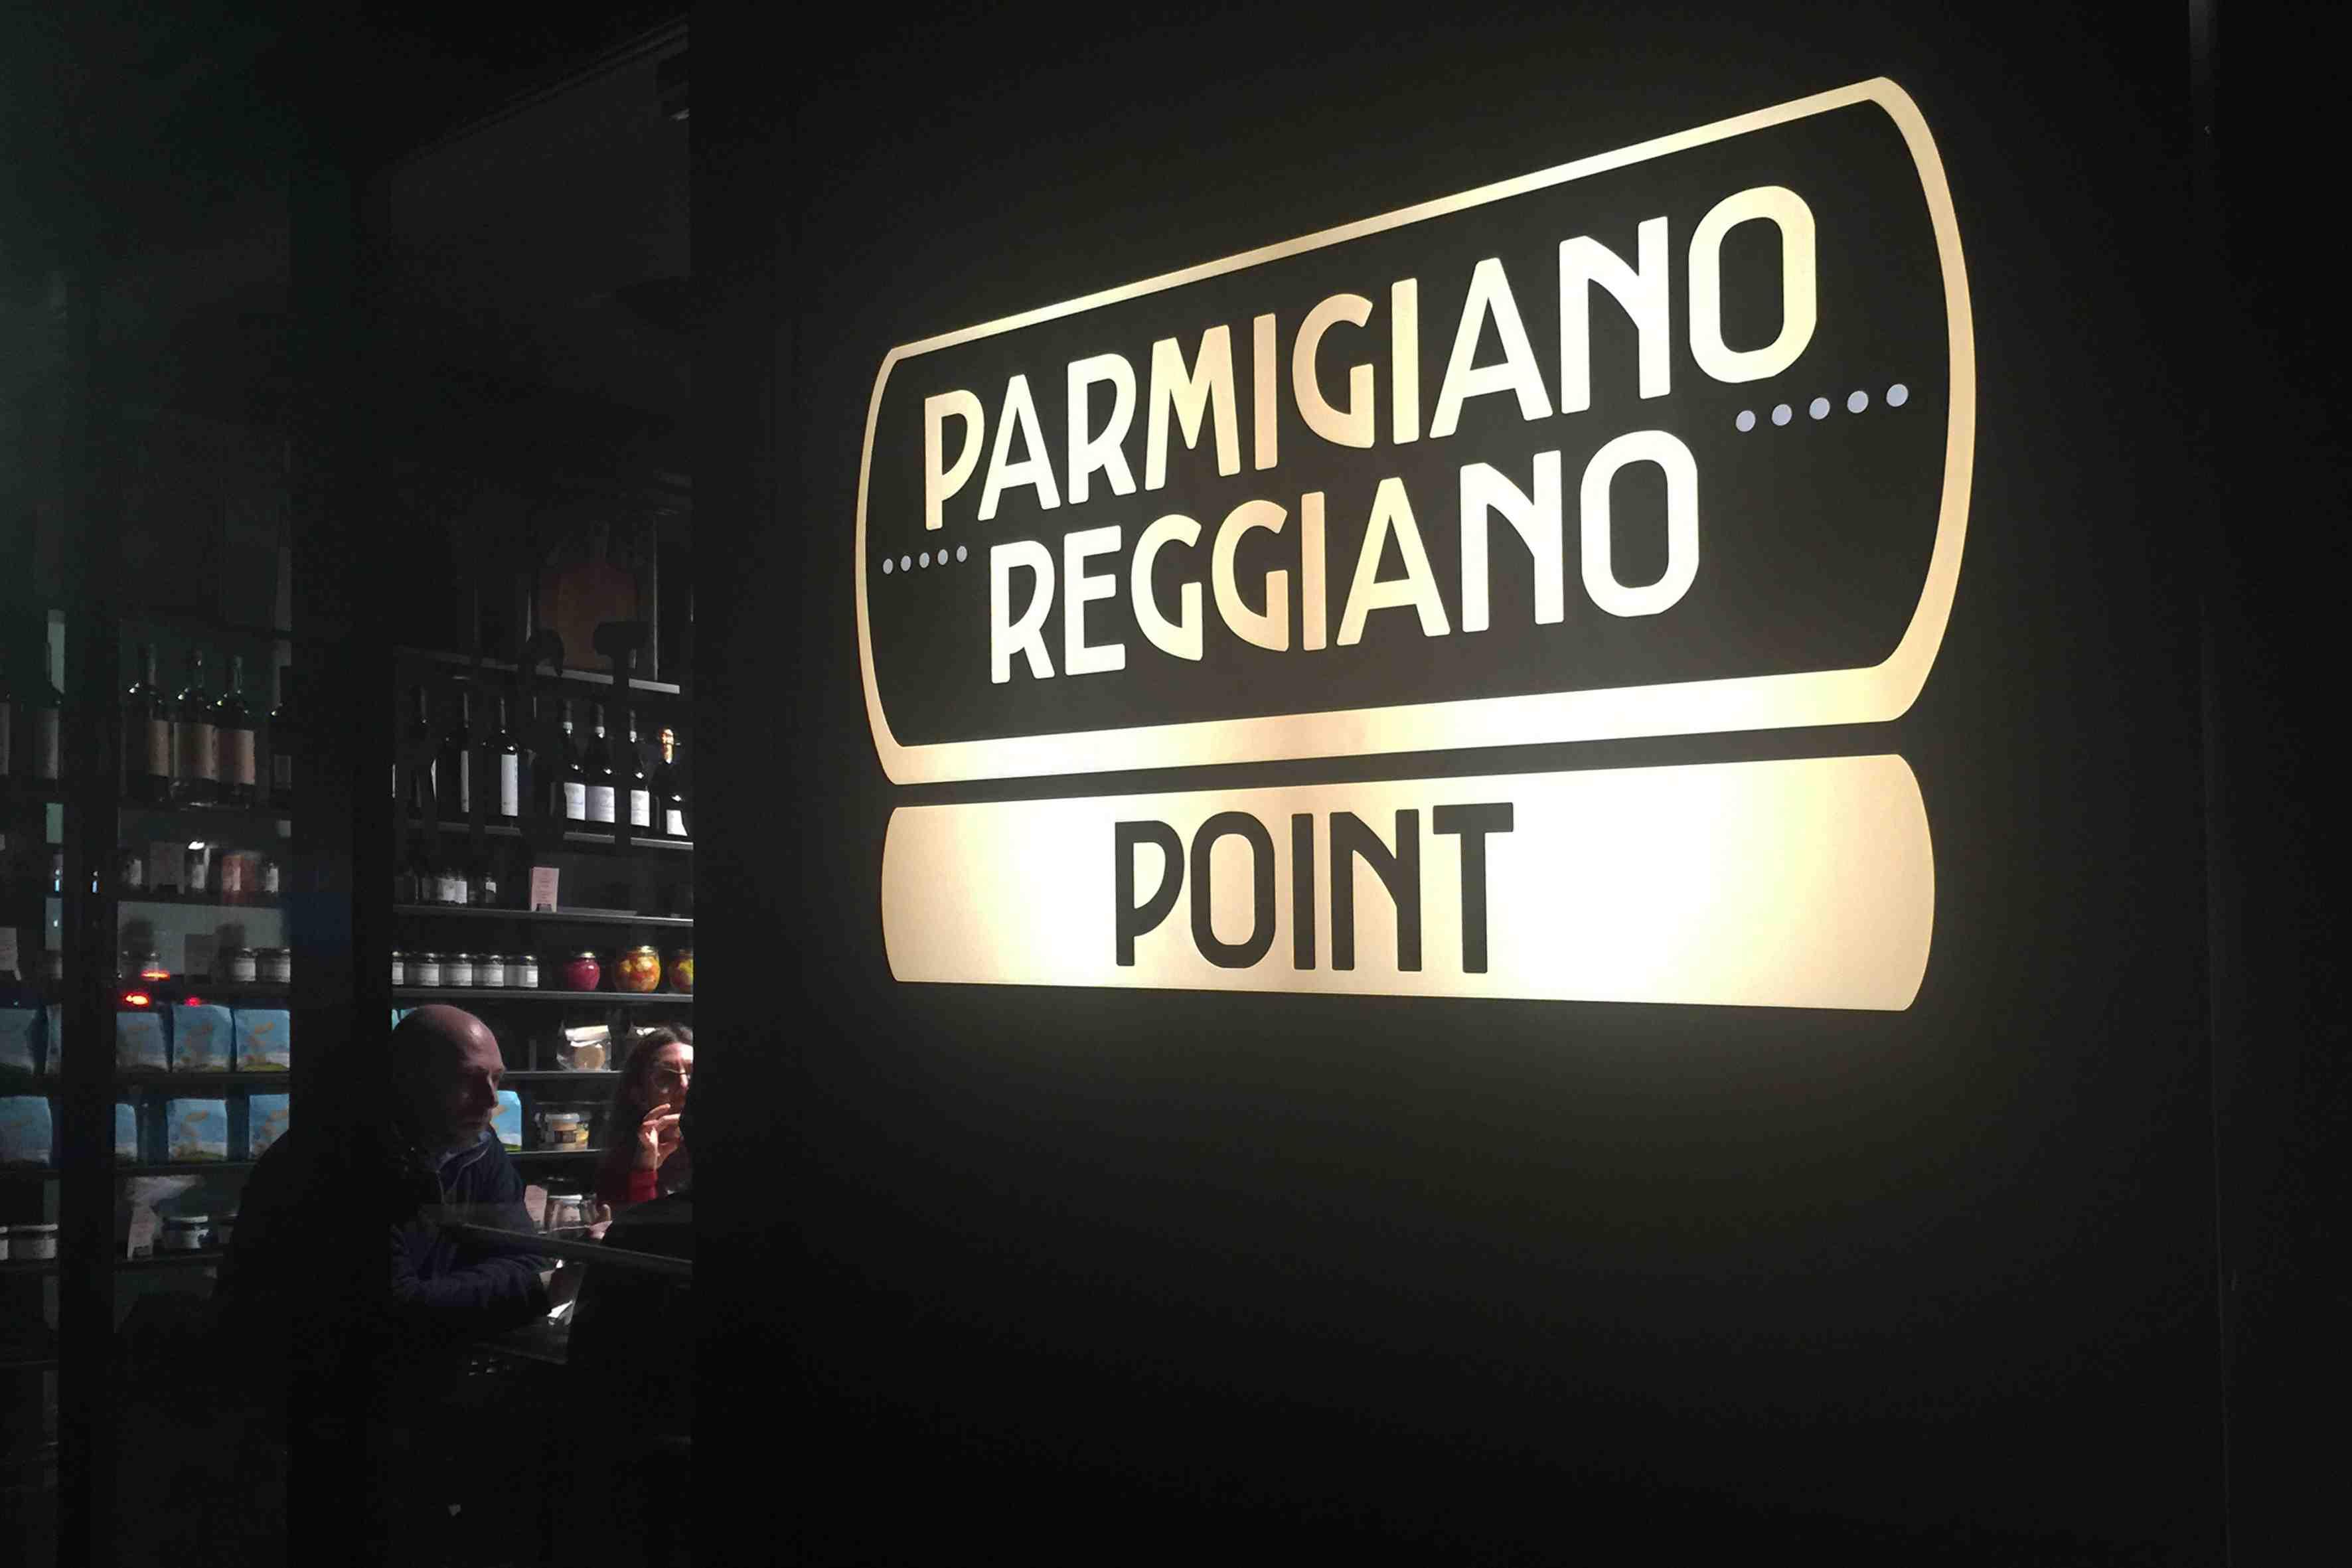 Tutti al Parmigiano Reggiano Point!